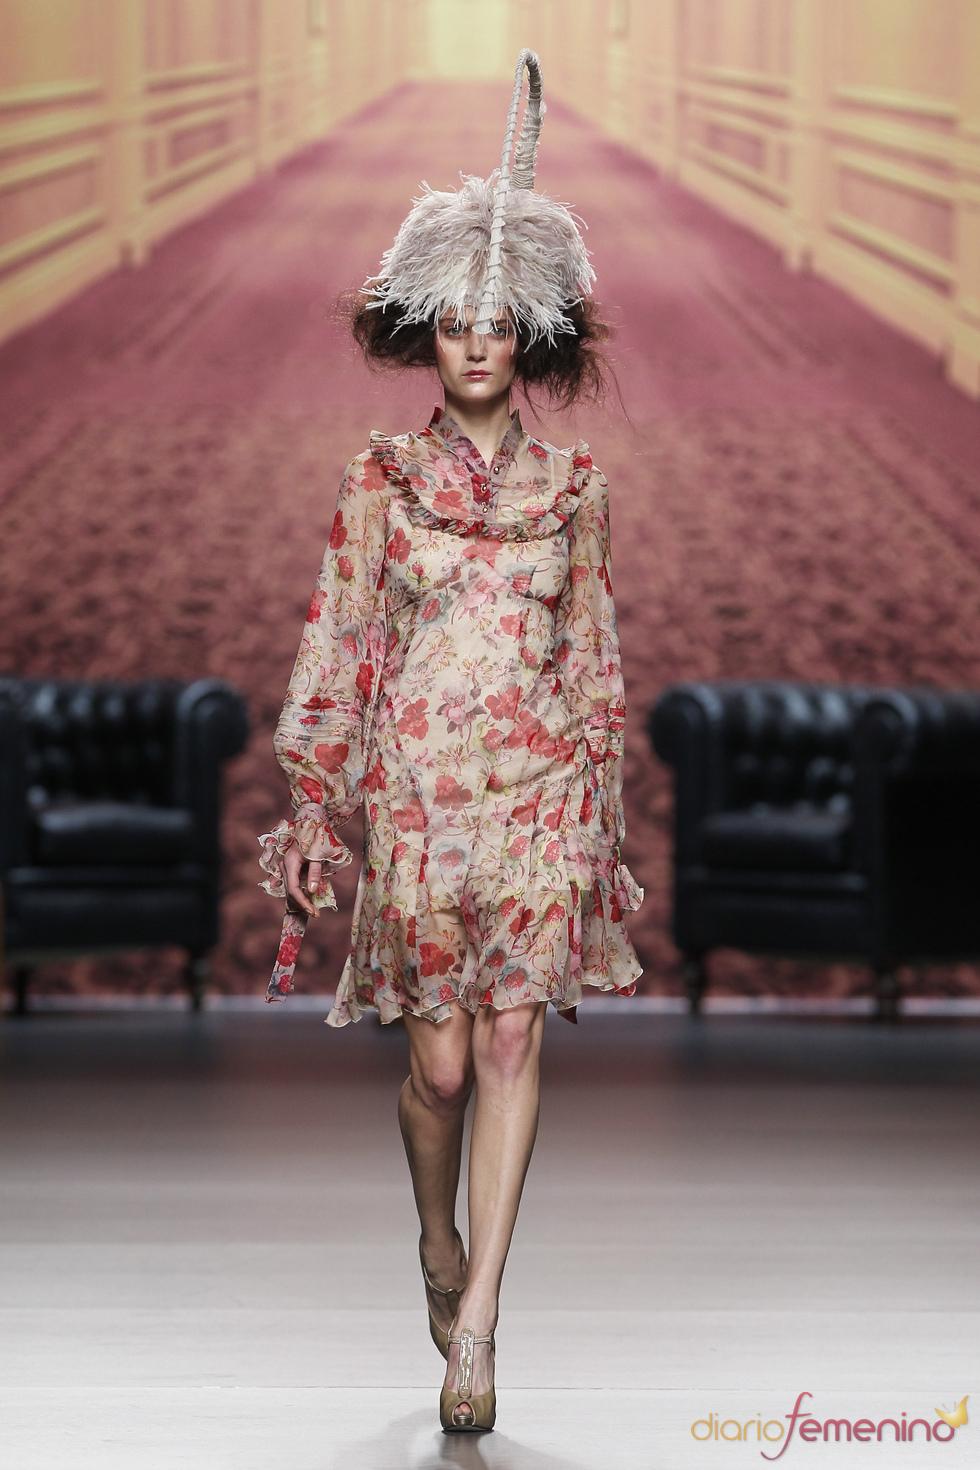 Vestido estampado. Alma Aguilar. Cibeles Madrid Fashion Week 2011